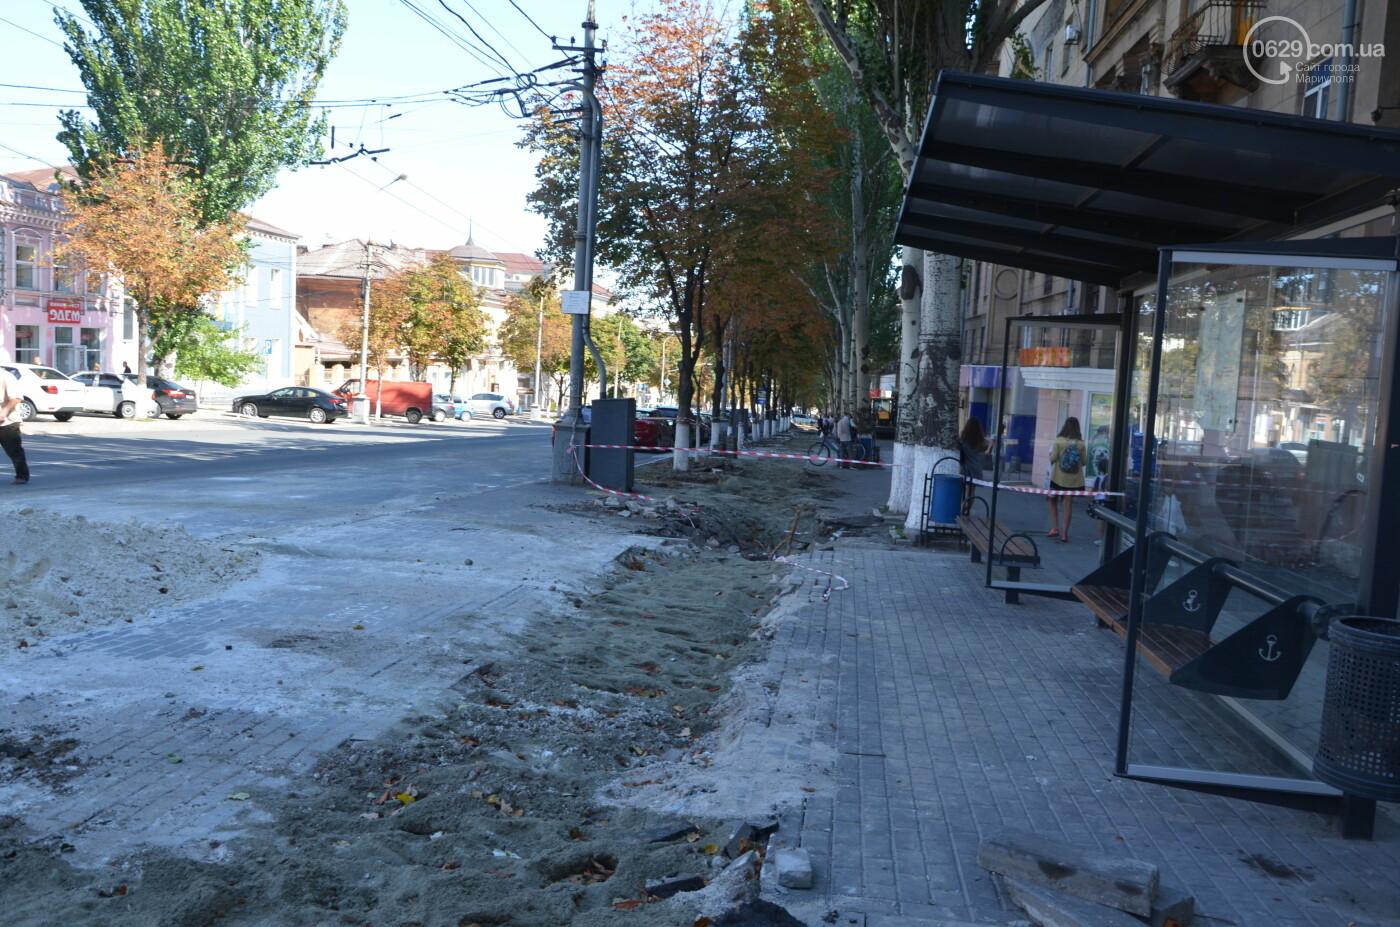 Перекопанный пр. Мира: в Мариуполе капитально ремонтируют центральную дорогу, - ФОТОРЕПОРТАЖ, фото-28